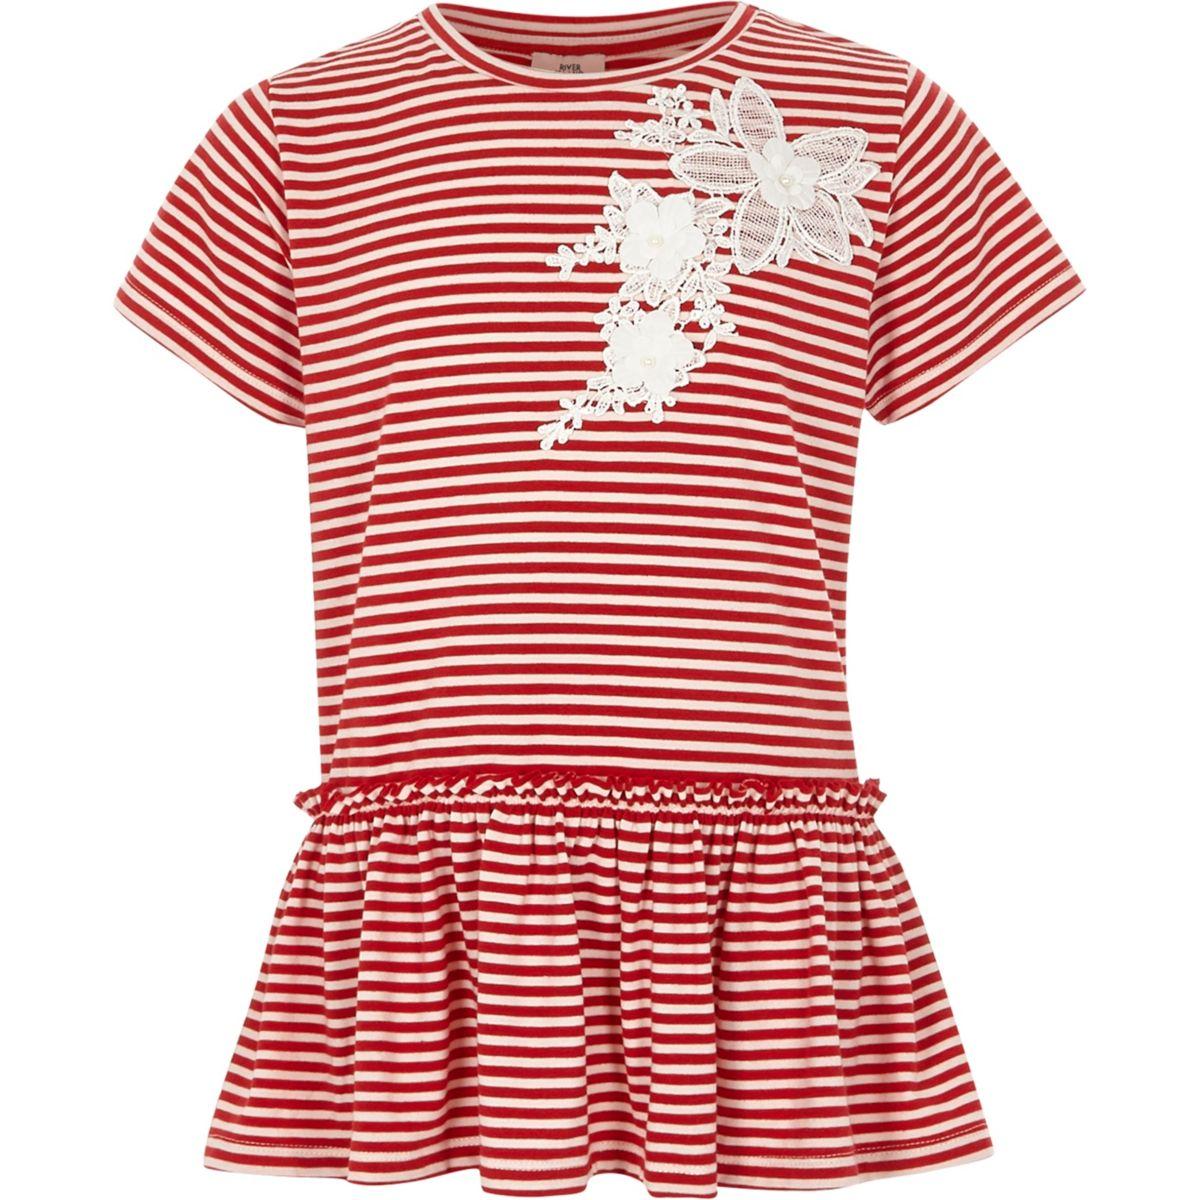 Rood gestreept T-shirt met ruches en kanten applicatie voor meisjes